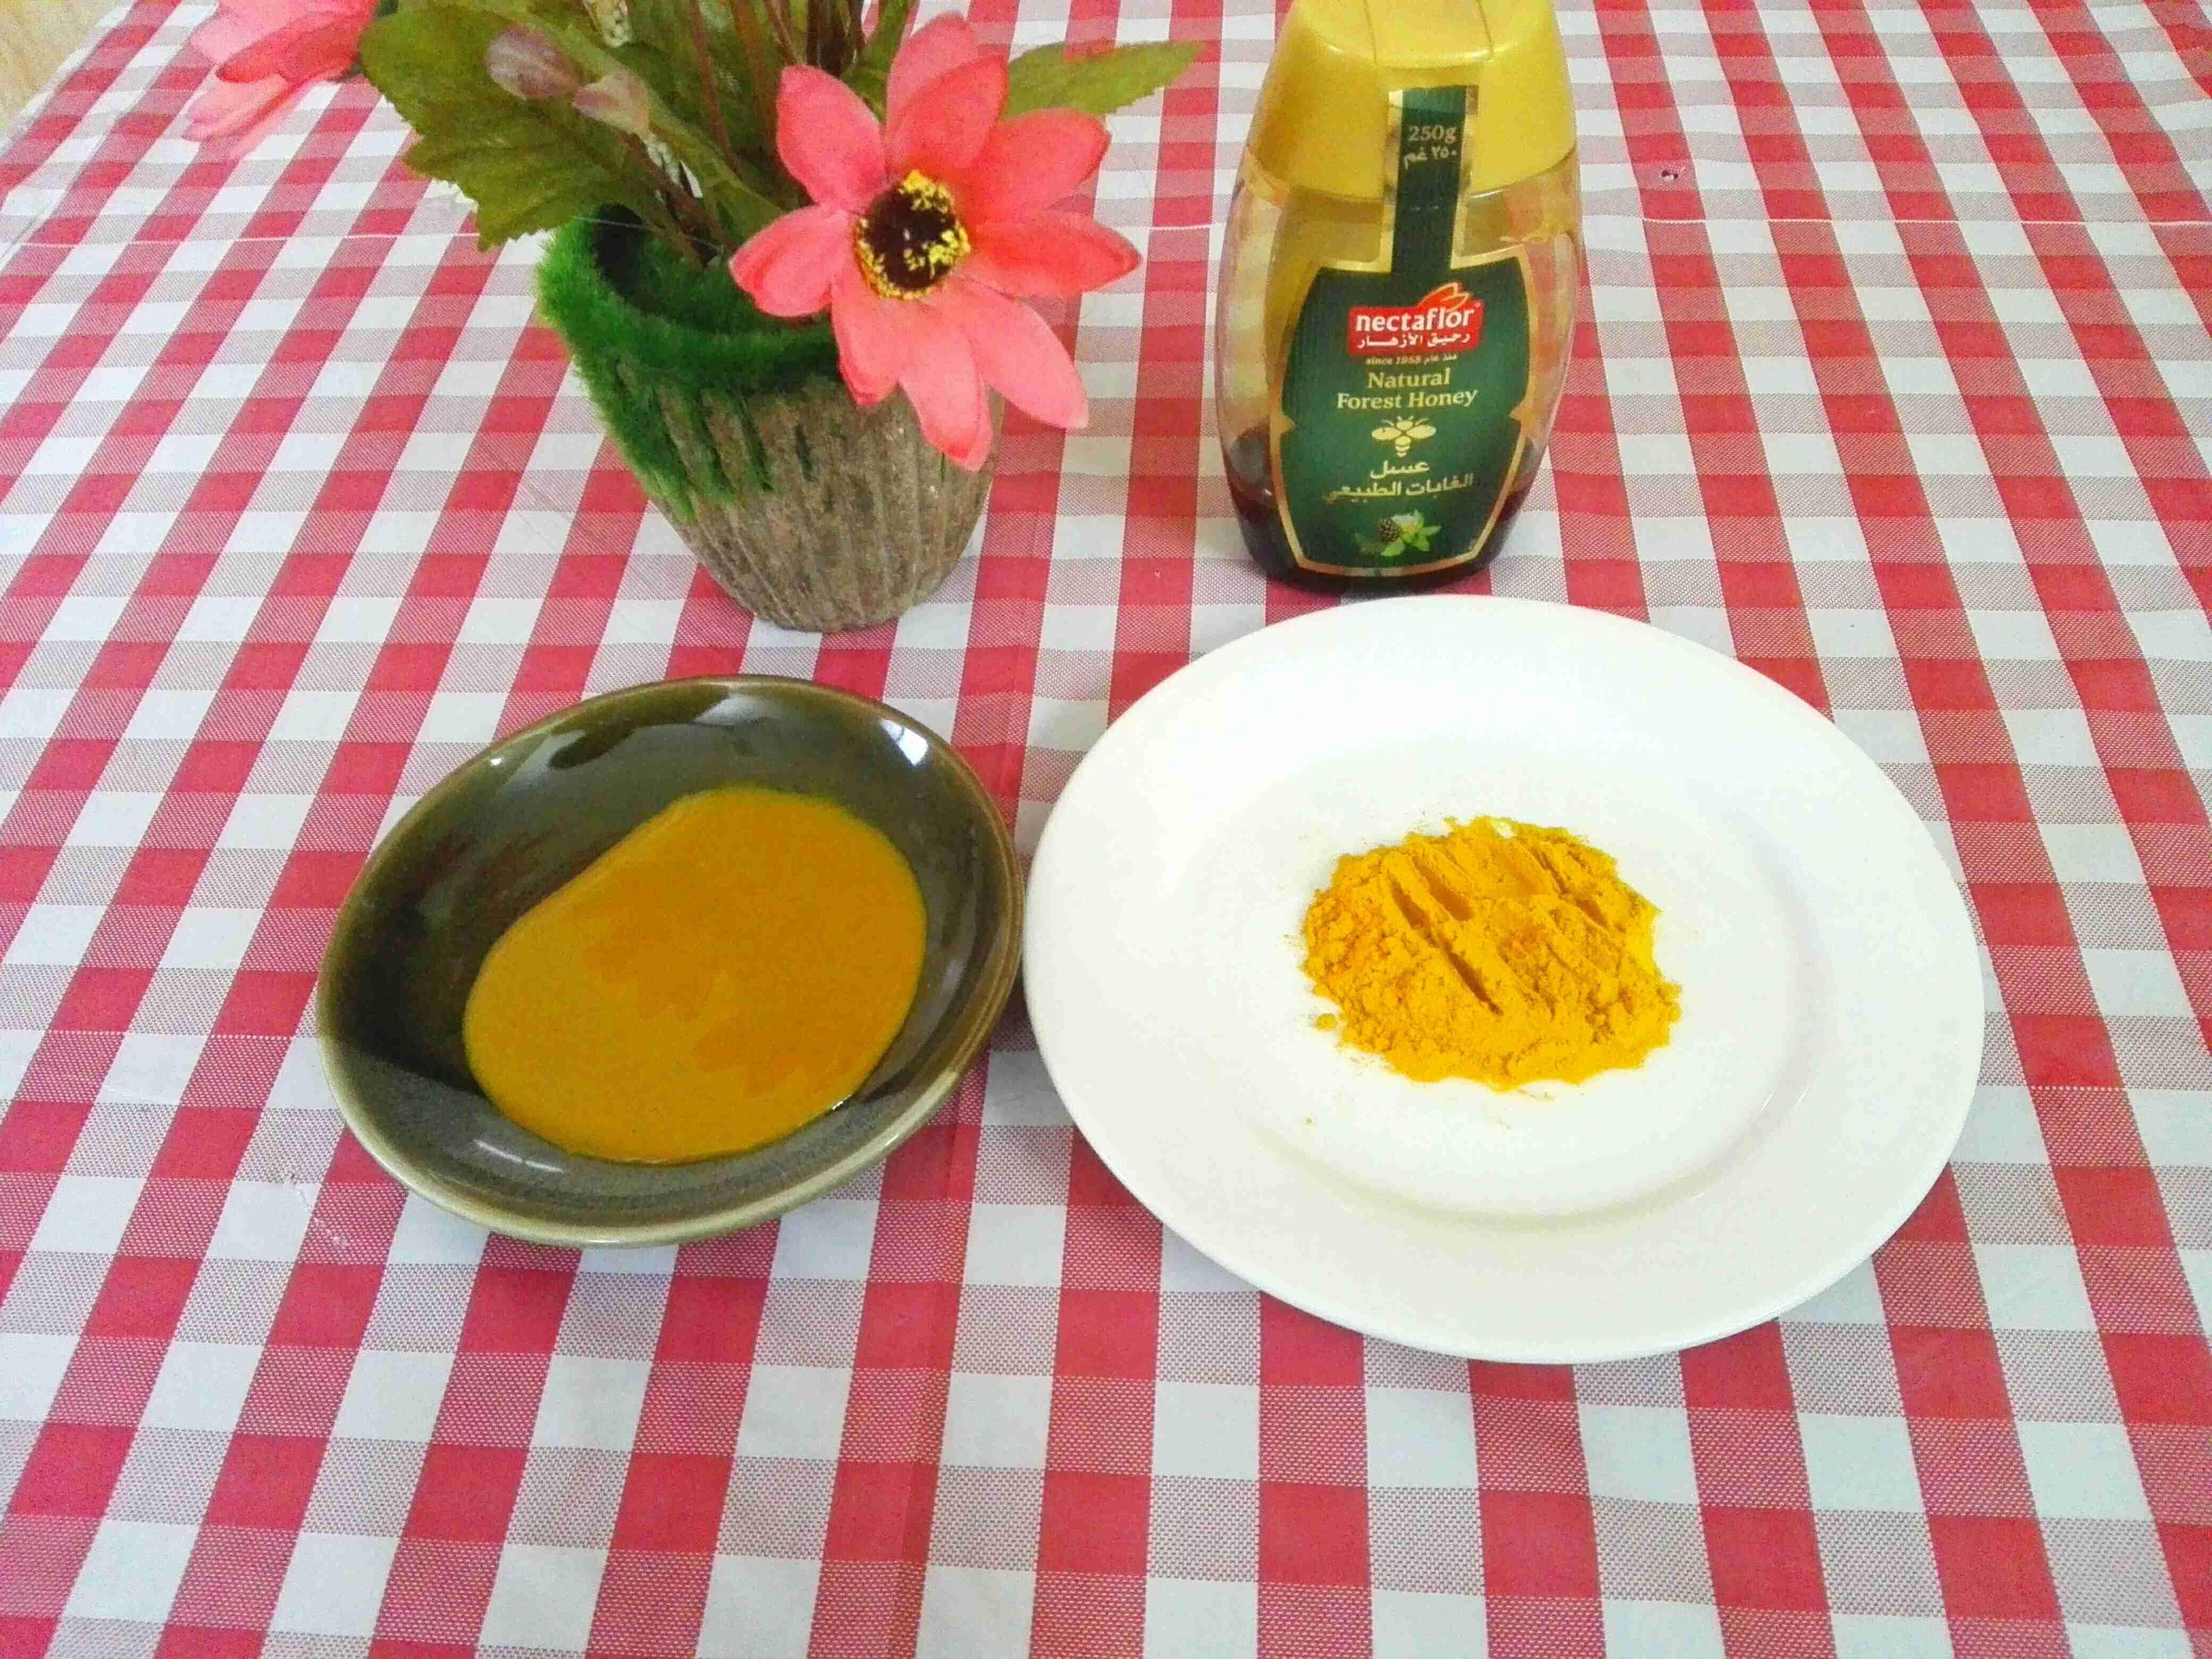 ماسك الكركم والعسل للبشره عديد الفوائد أفكار منزليه زاكي Breakfast Food Eggs